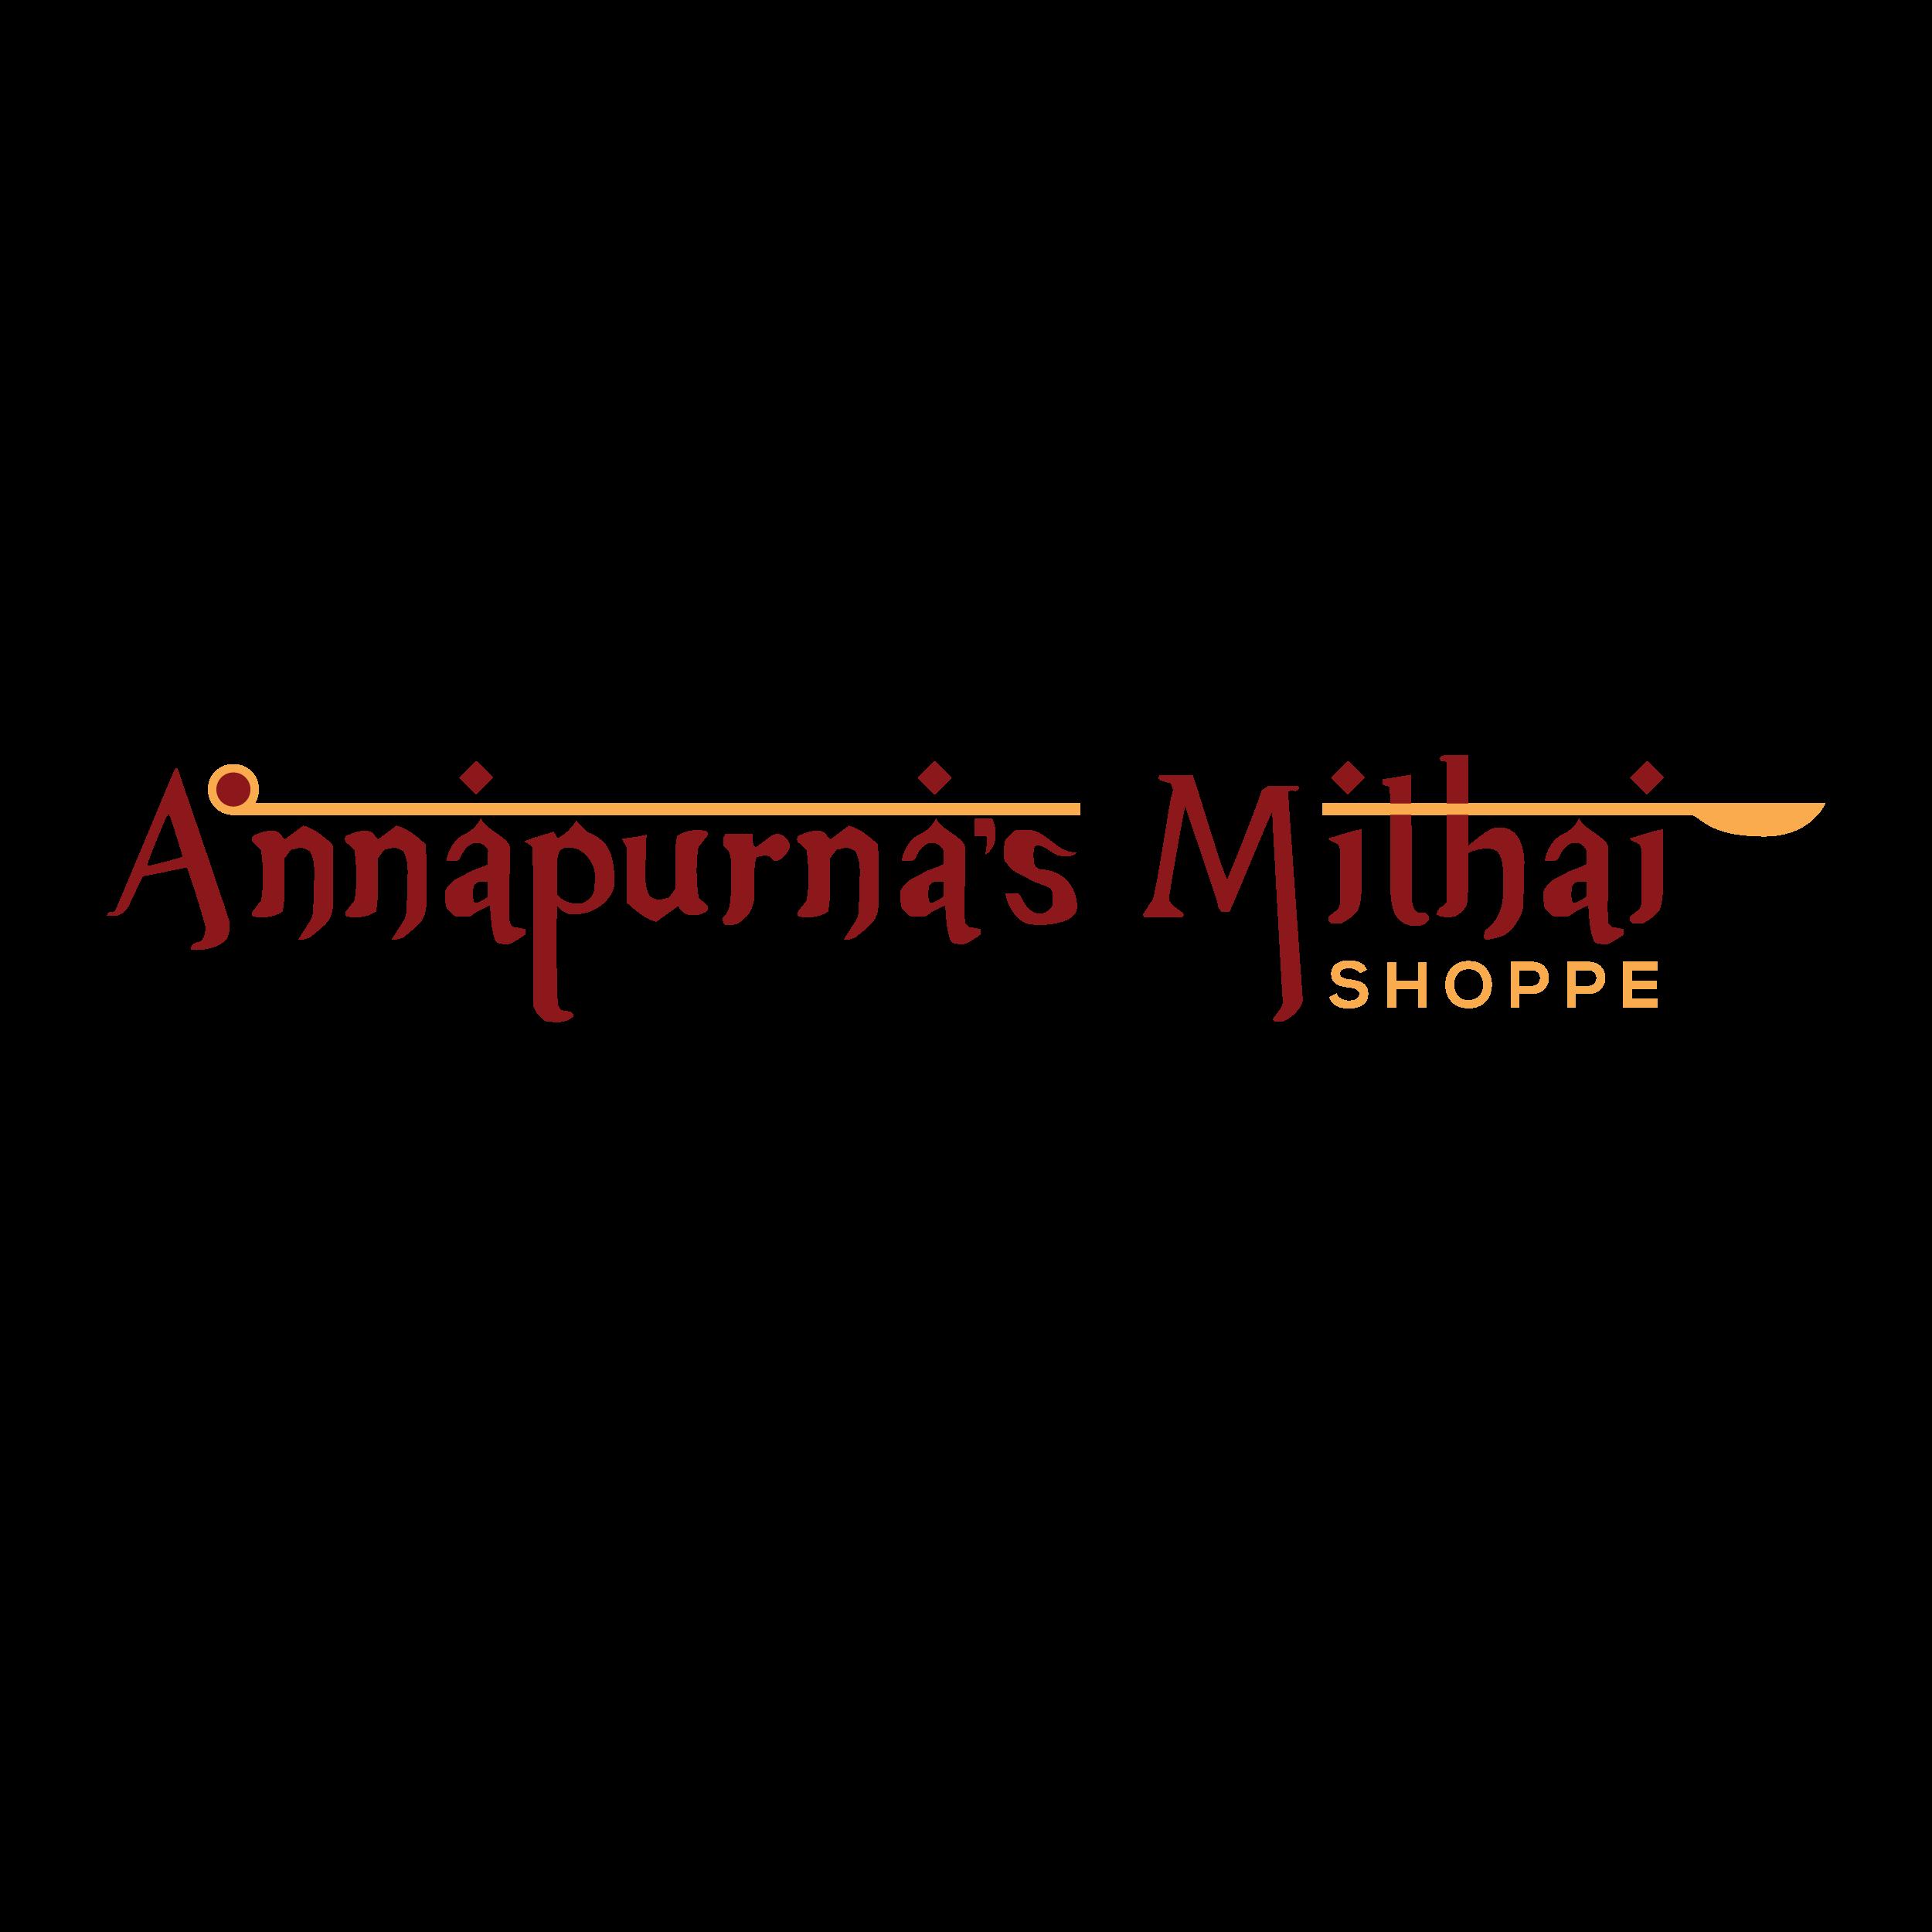 Annapurnas Mithai Shoppe